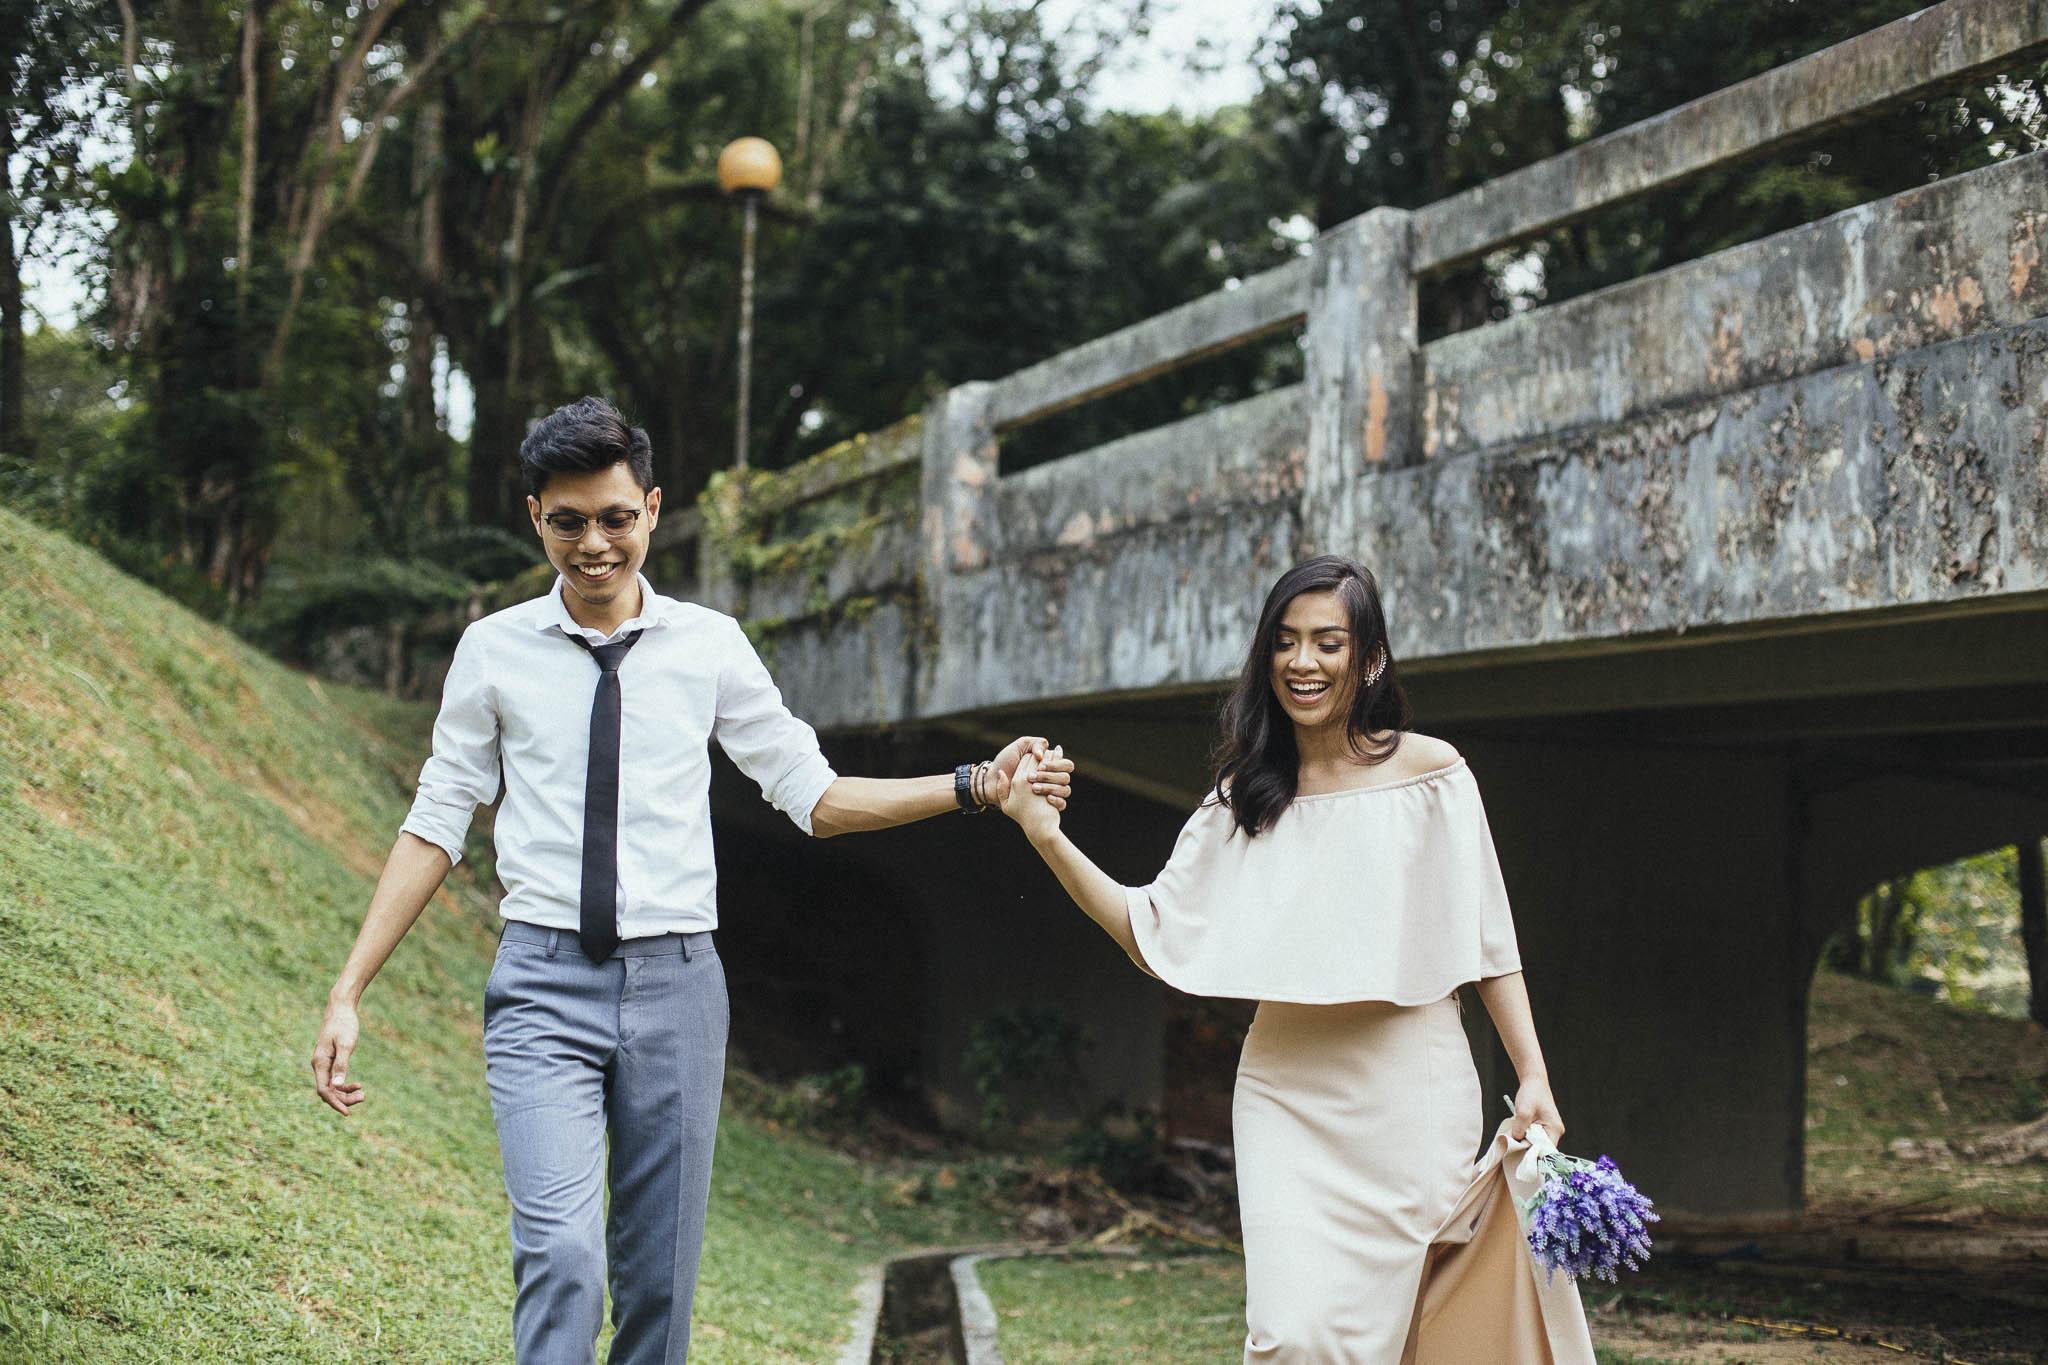 singapore-wedding-photographer-wemadethese-portraits-001.jpg